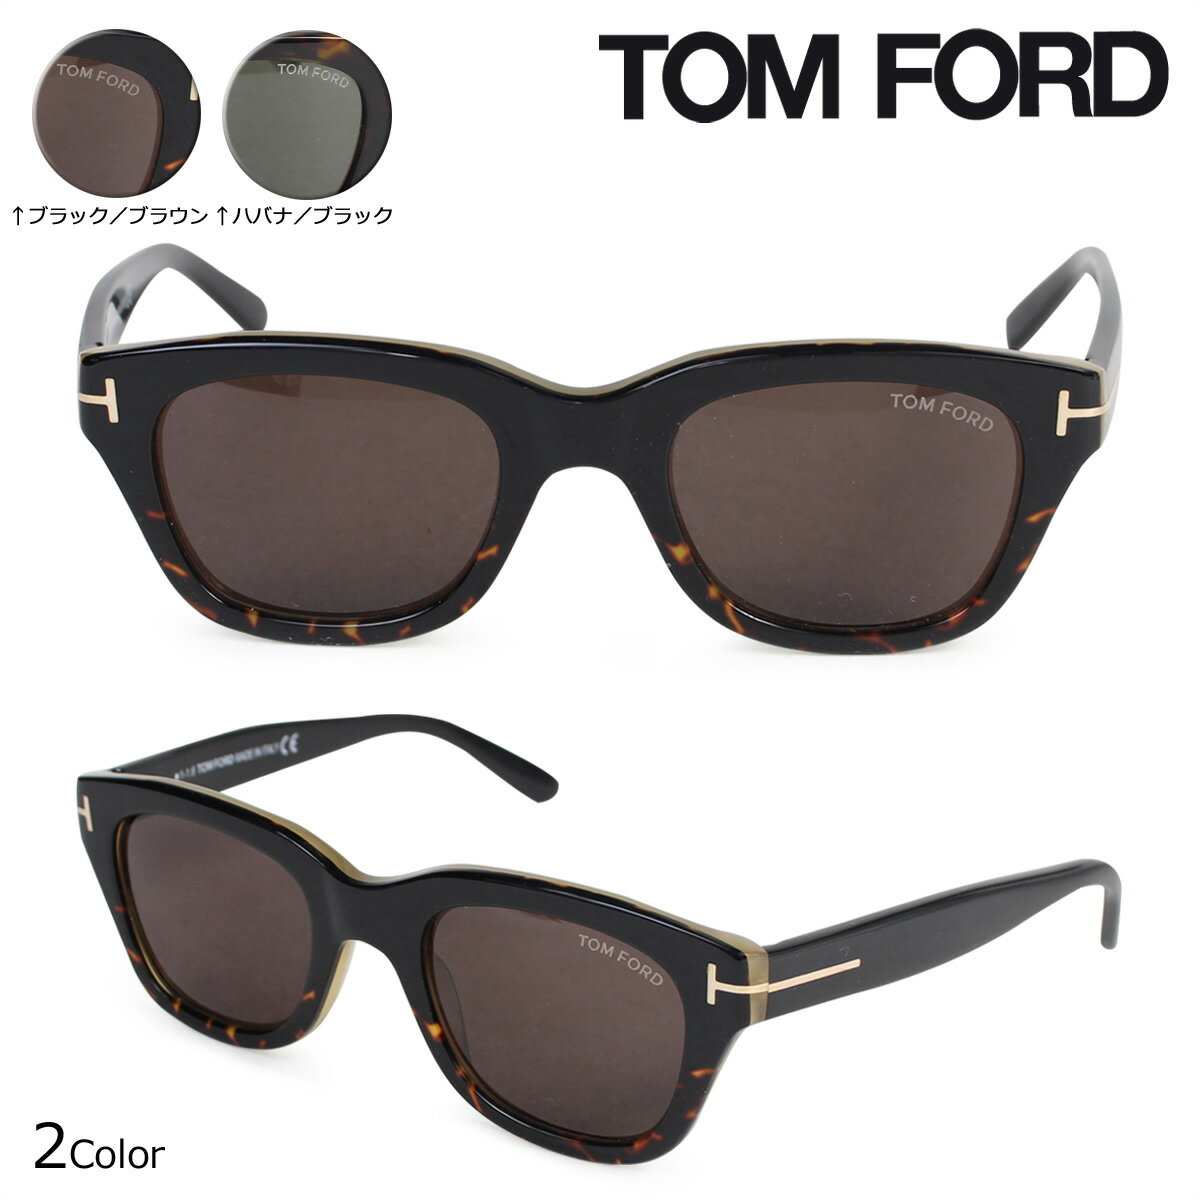 TOM FORD SNOWDON SUNGLASSES サングラス アジアンフィット メンズ レディース トムフォード アイウェア ASIAN FITTING FT0237 ウェリントン 2カラー [4/6 追加入荷] [184]